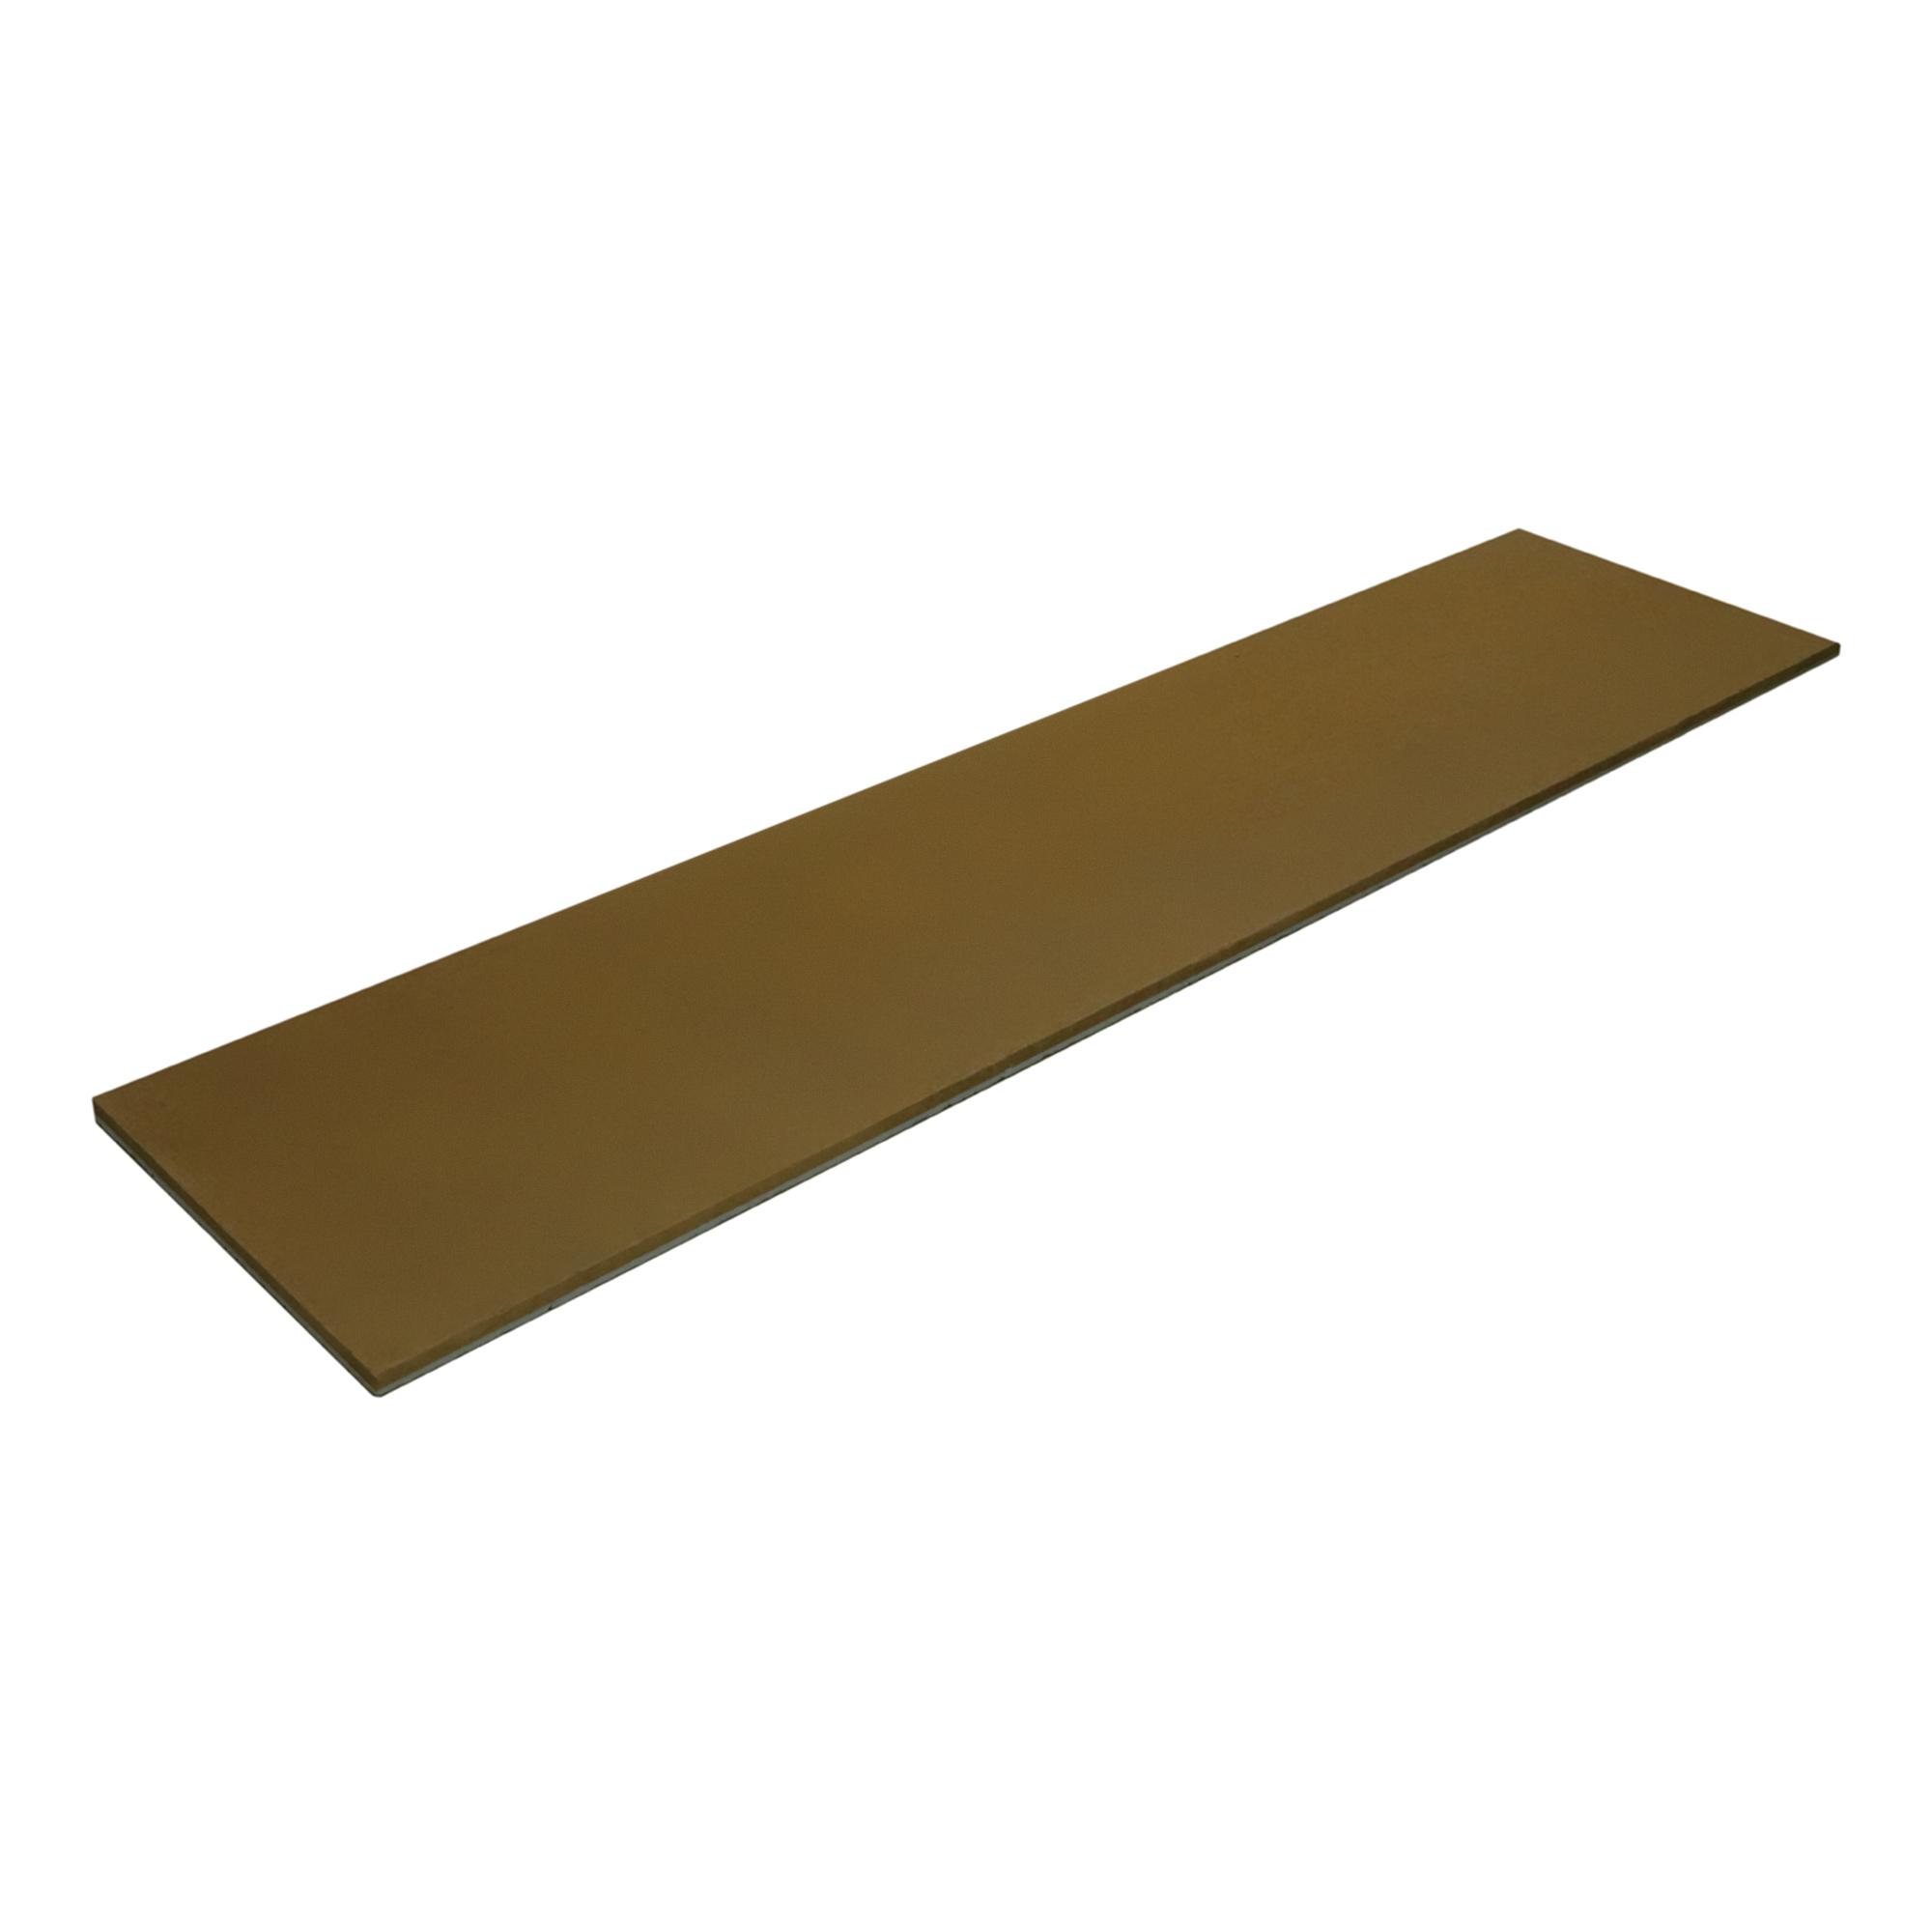 Панель Teplofom+ 2500x600x30 (10 мм+ДВП 20 мм)